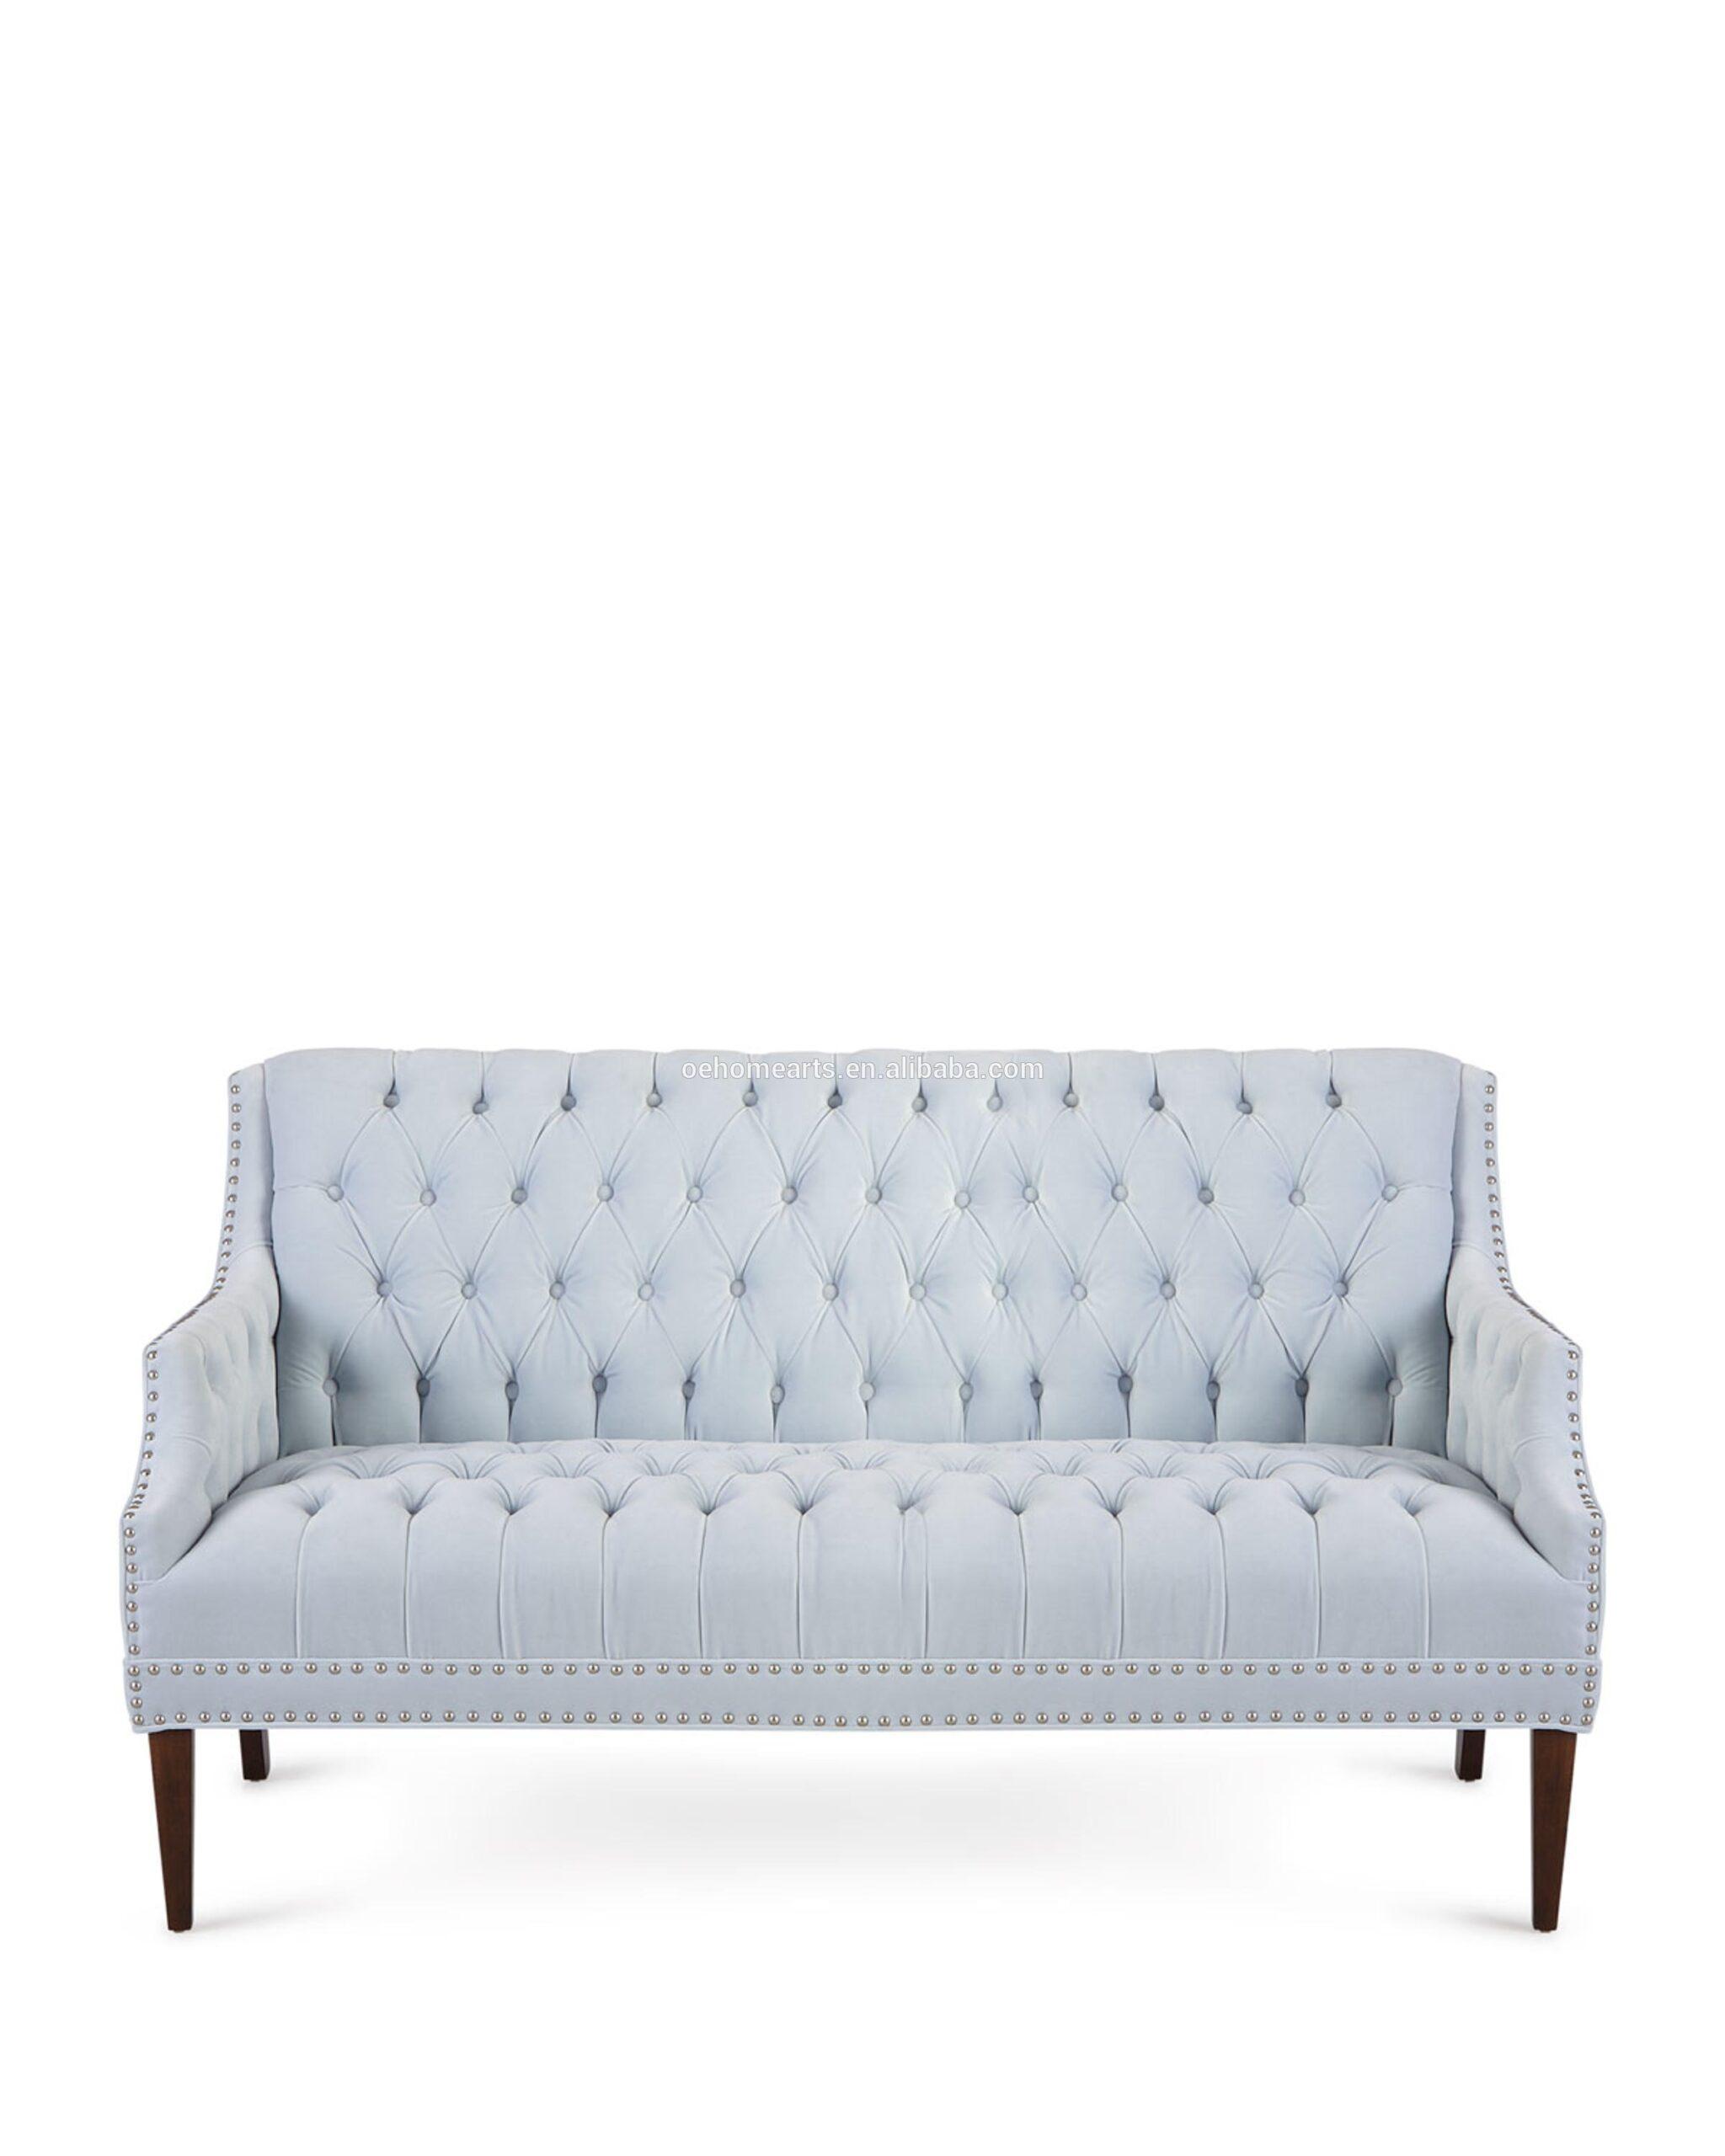 Full Size of Günstiges Sofa Sf00064 Heier Verkauf China Hersteller Gnstigen Preis Yagmur Altes Englisches Wk Lederpflege Kare Günstig Kaufen Mit Relaxfunktion 3 Sitzer Sofa Günstiges Sofa